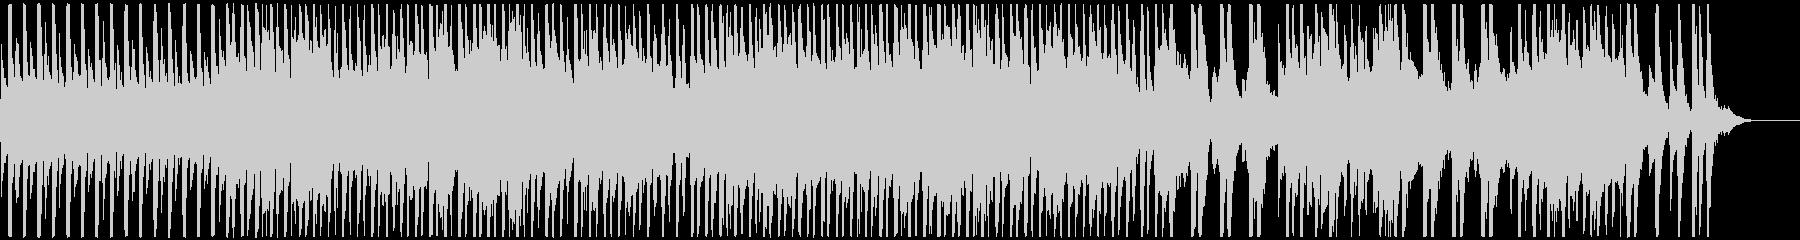 ピッチカートとかわいいマリンバのBGMの未再生の波形